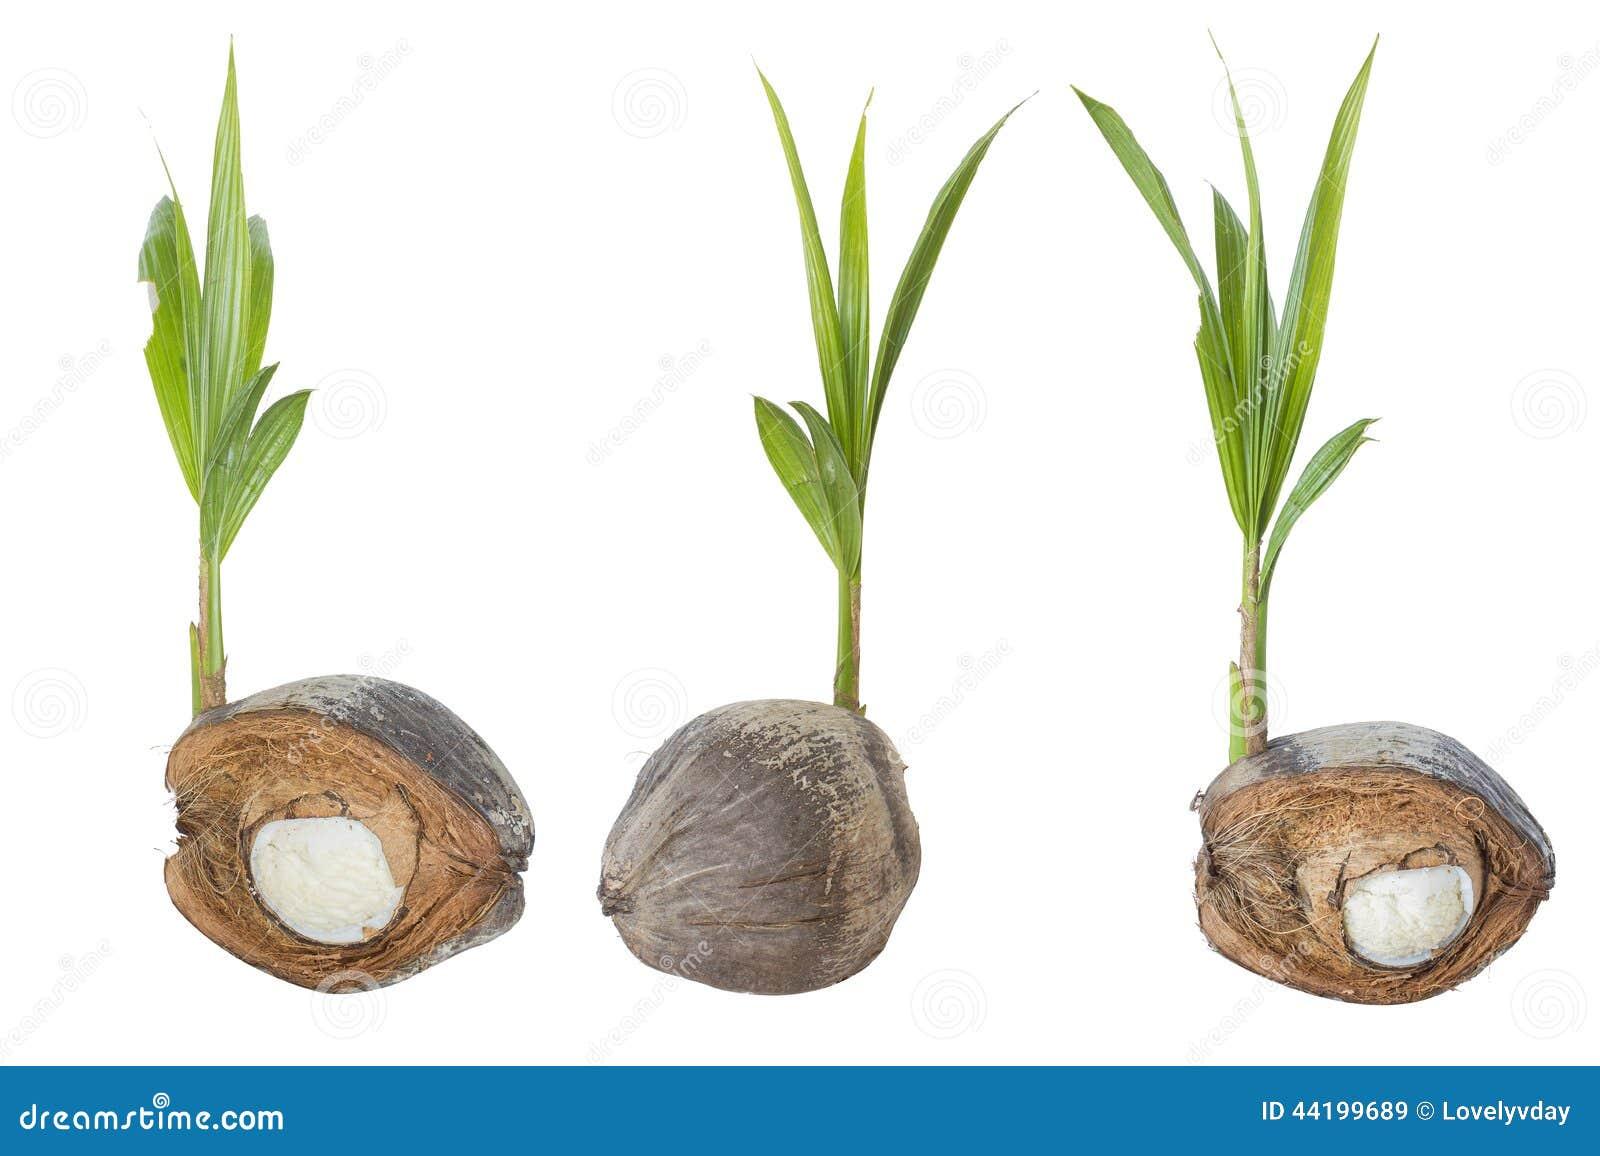 Pousse Et Bourgeon D'embryon D'arbre De Noix De Coco Sur ...